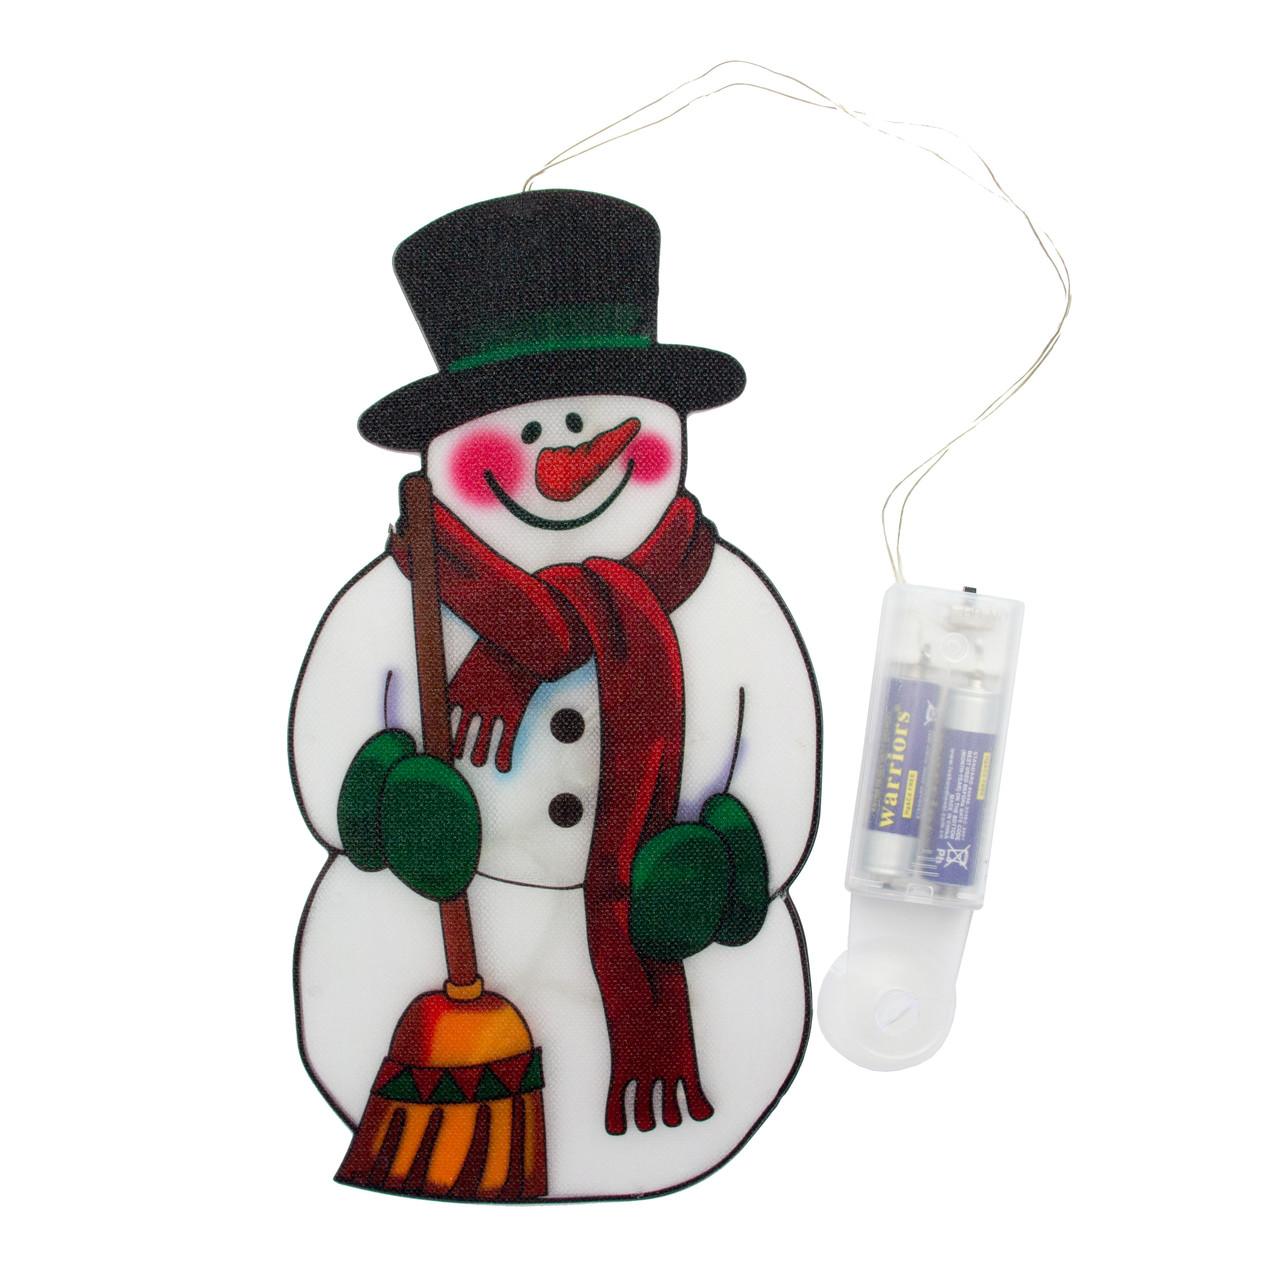 Світодіодна декорація - Сніговик, 25*13,5 см, 10л, пластик, IP20 (640287)